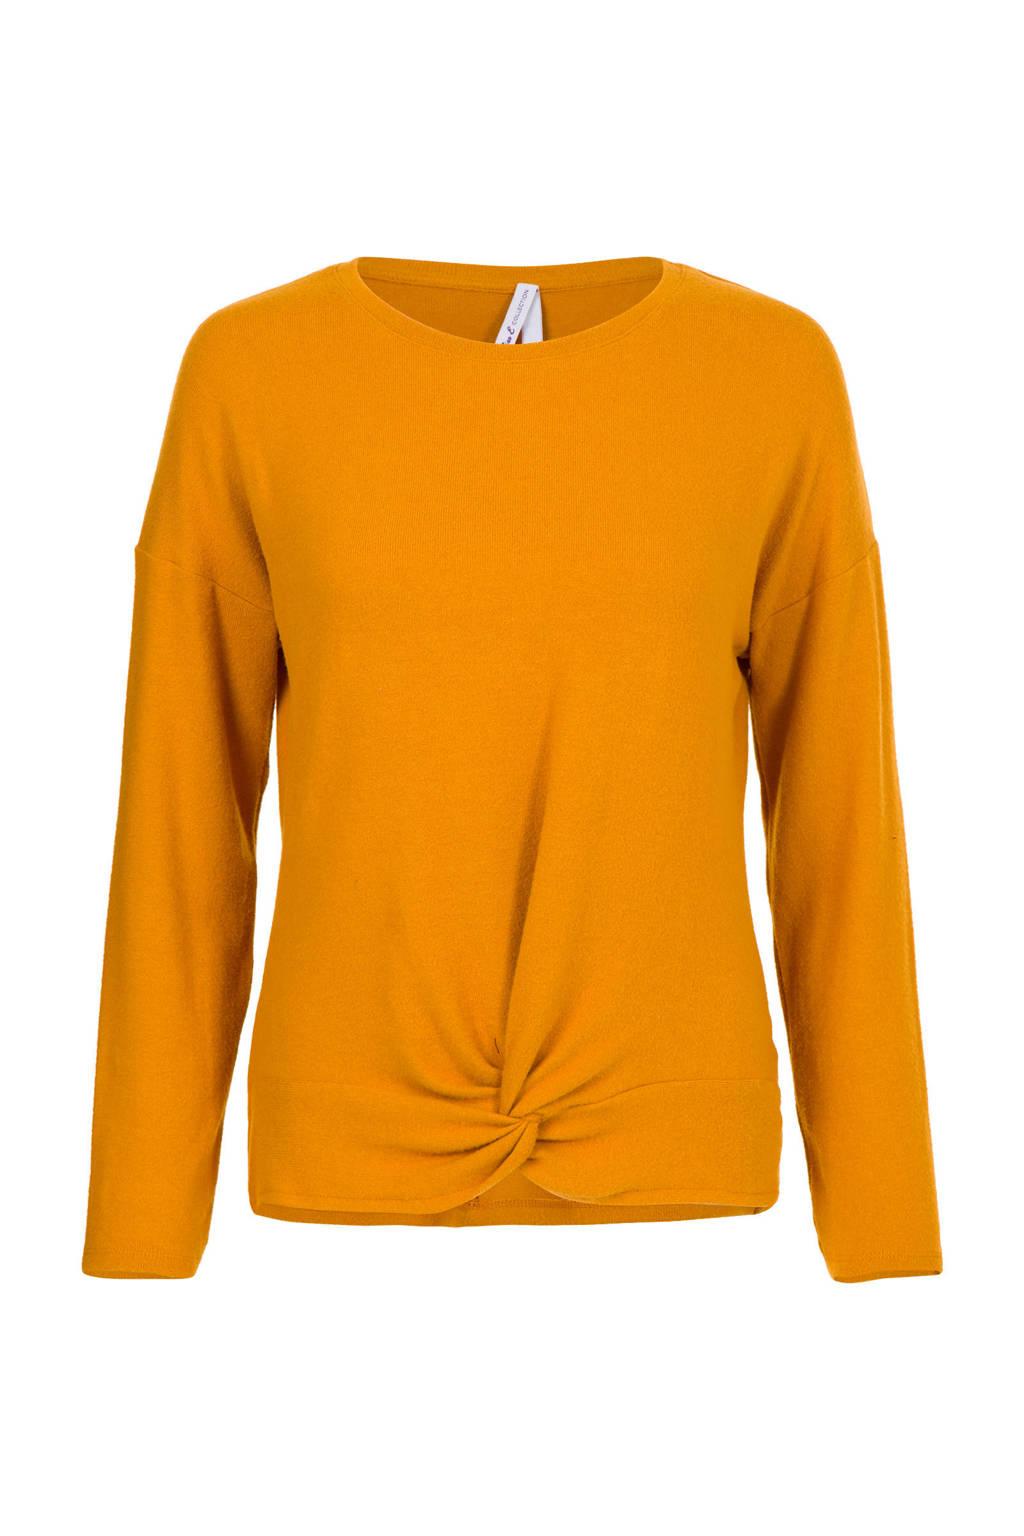 Miss Etam Regulier trui geel, Geel